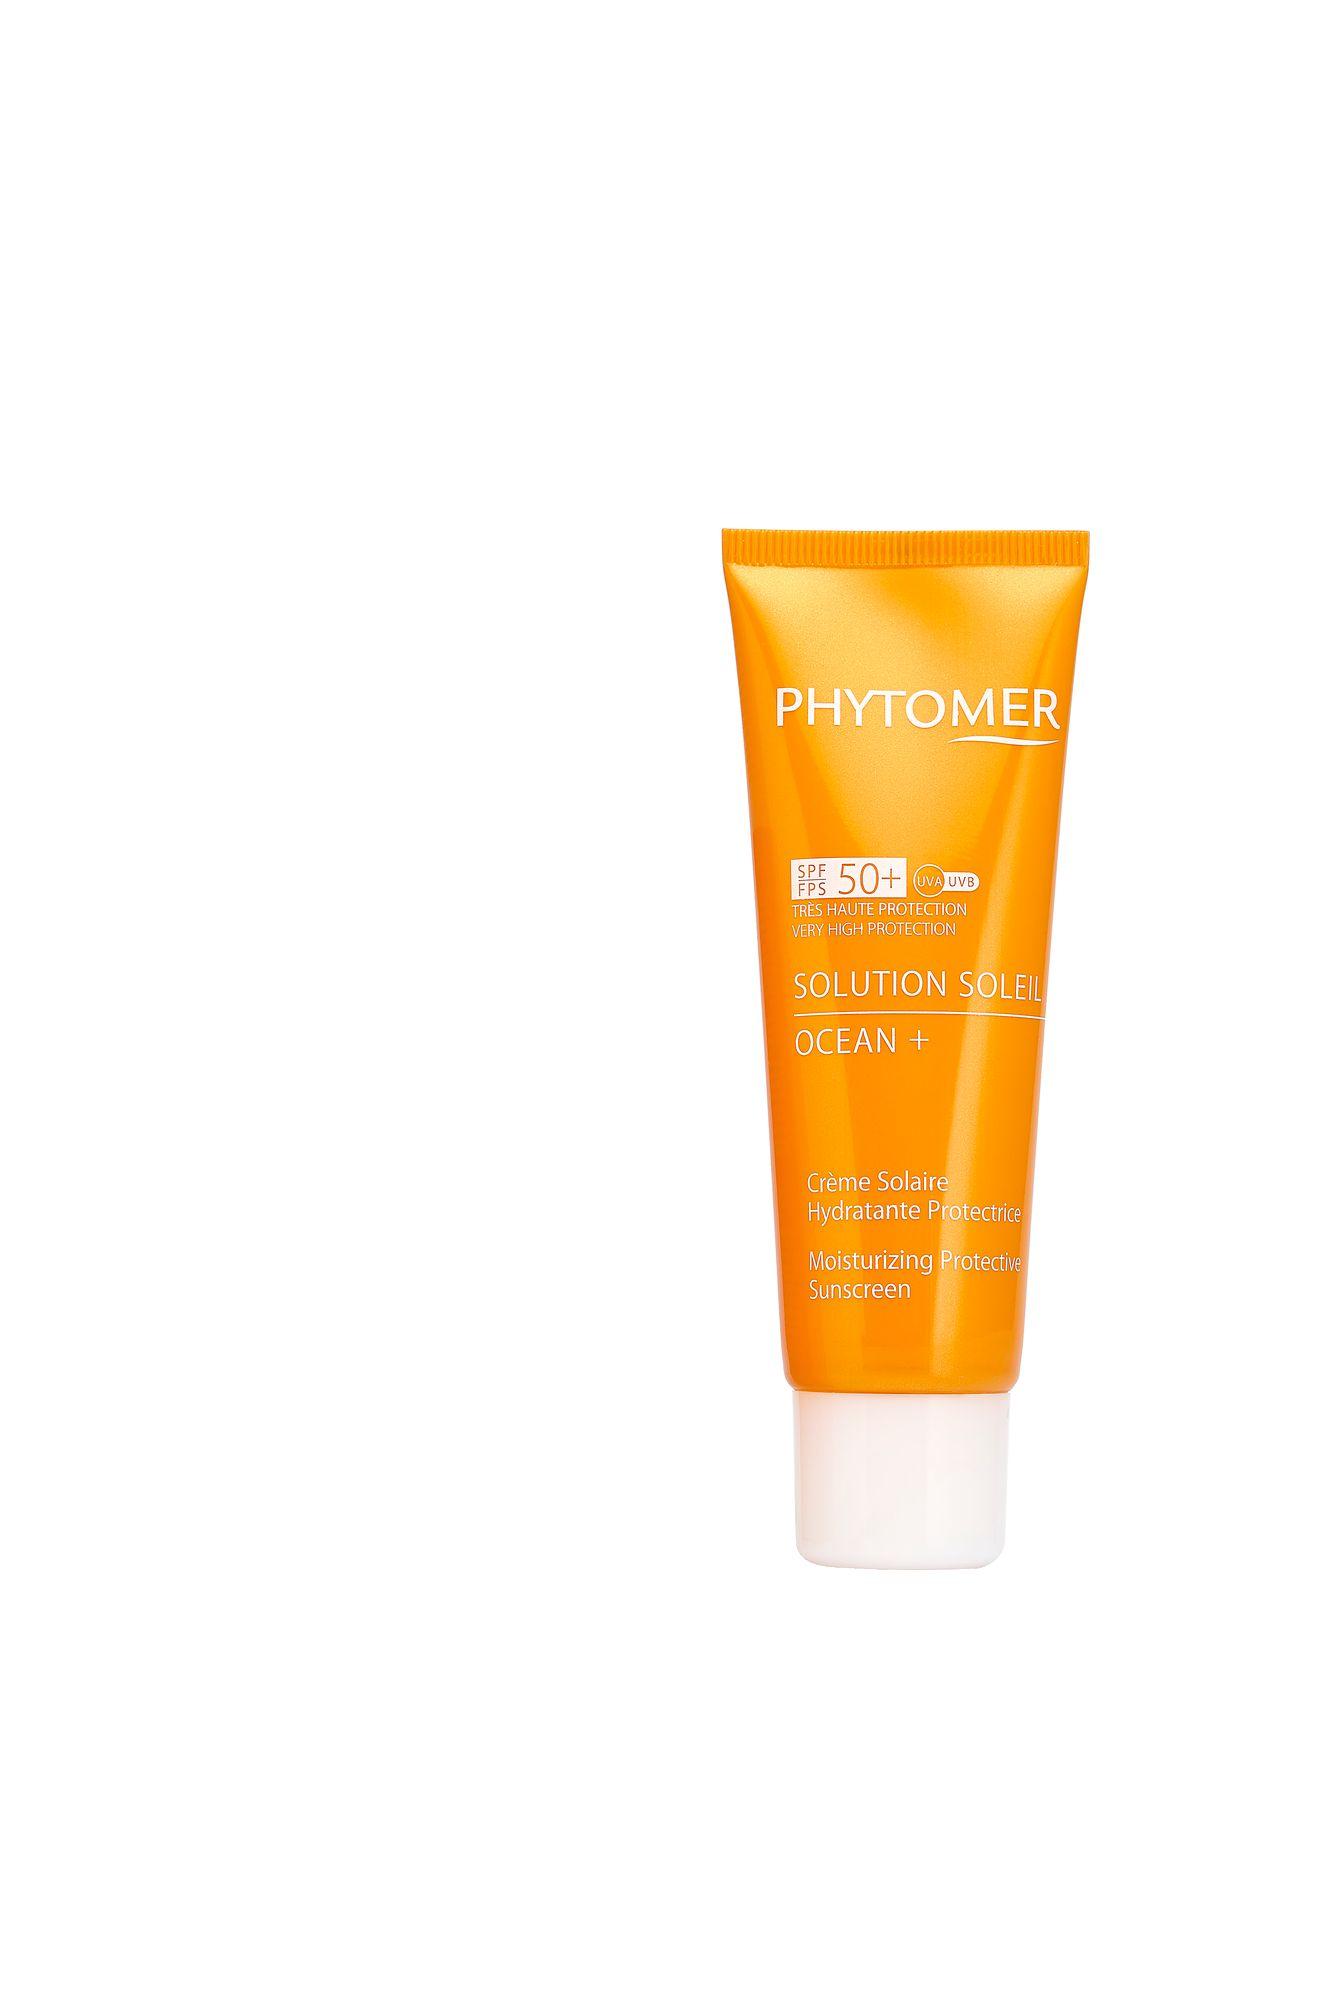 5. Kosteuttava aurinkovoide keskittyy ihon lisäksi suojaamaan myös meriä ja koralleja. Phytomer Solution Soleil Ocean+ Créme Solaire Protectrice Hydratant SPF50+. 44,50 €/50 ML.